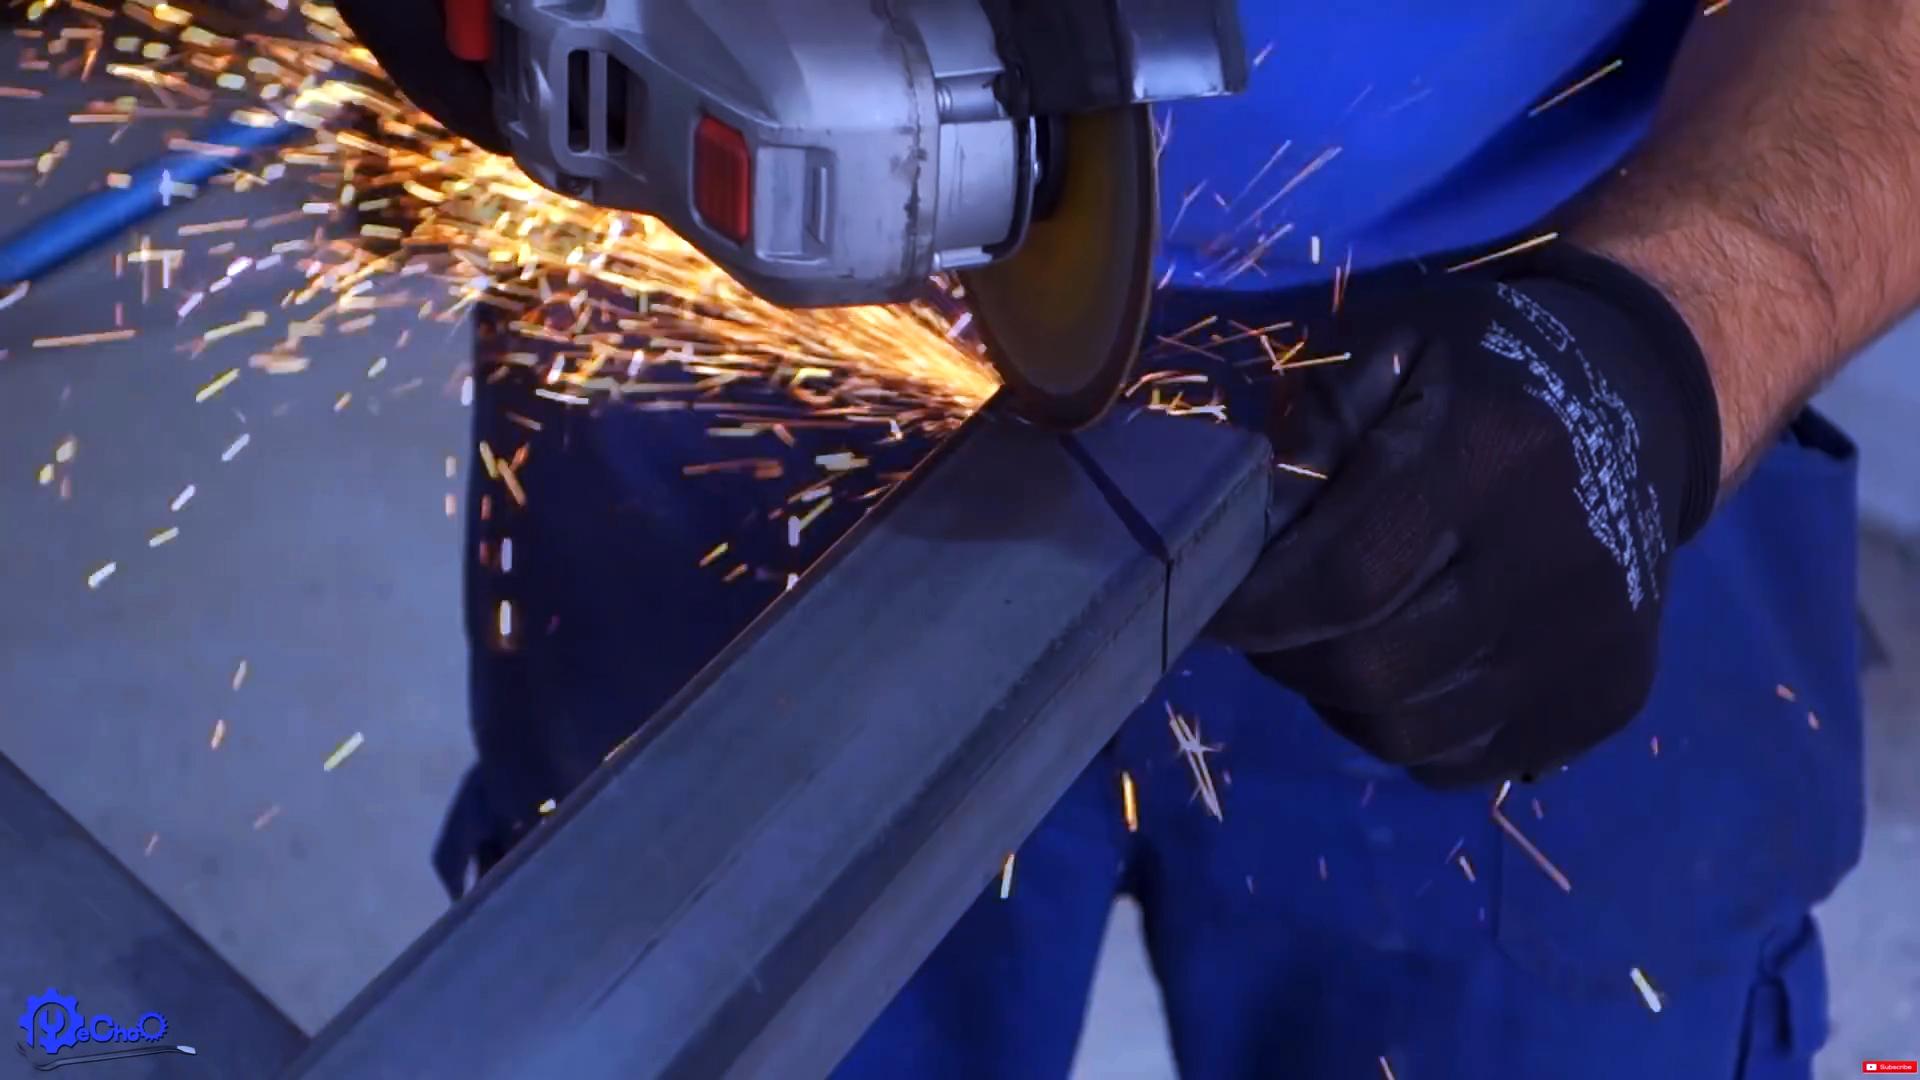 Как сделать гриль с баллоном для розжига и подъемной решеткой на основе автодомкрата